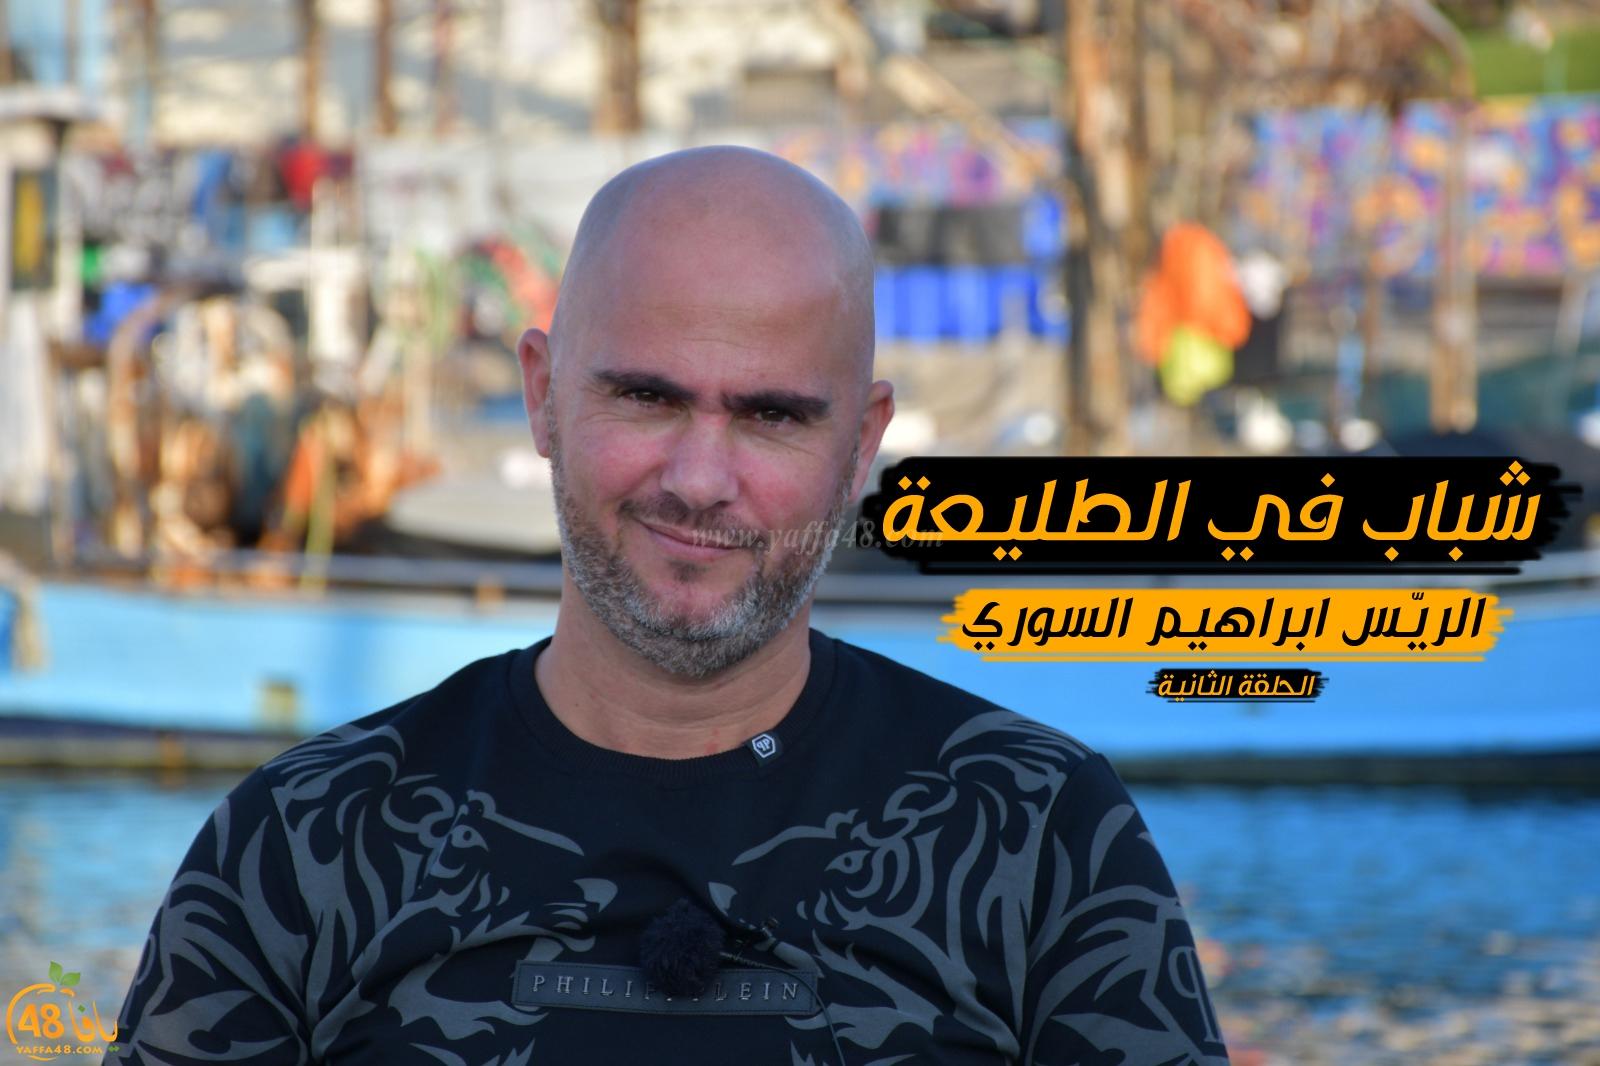 شاهد: شباب في الطليعة - الحلقة الثانية .. مع الريّس ابراهيم السوري